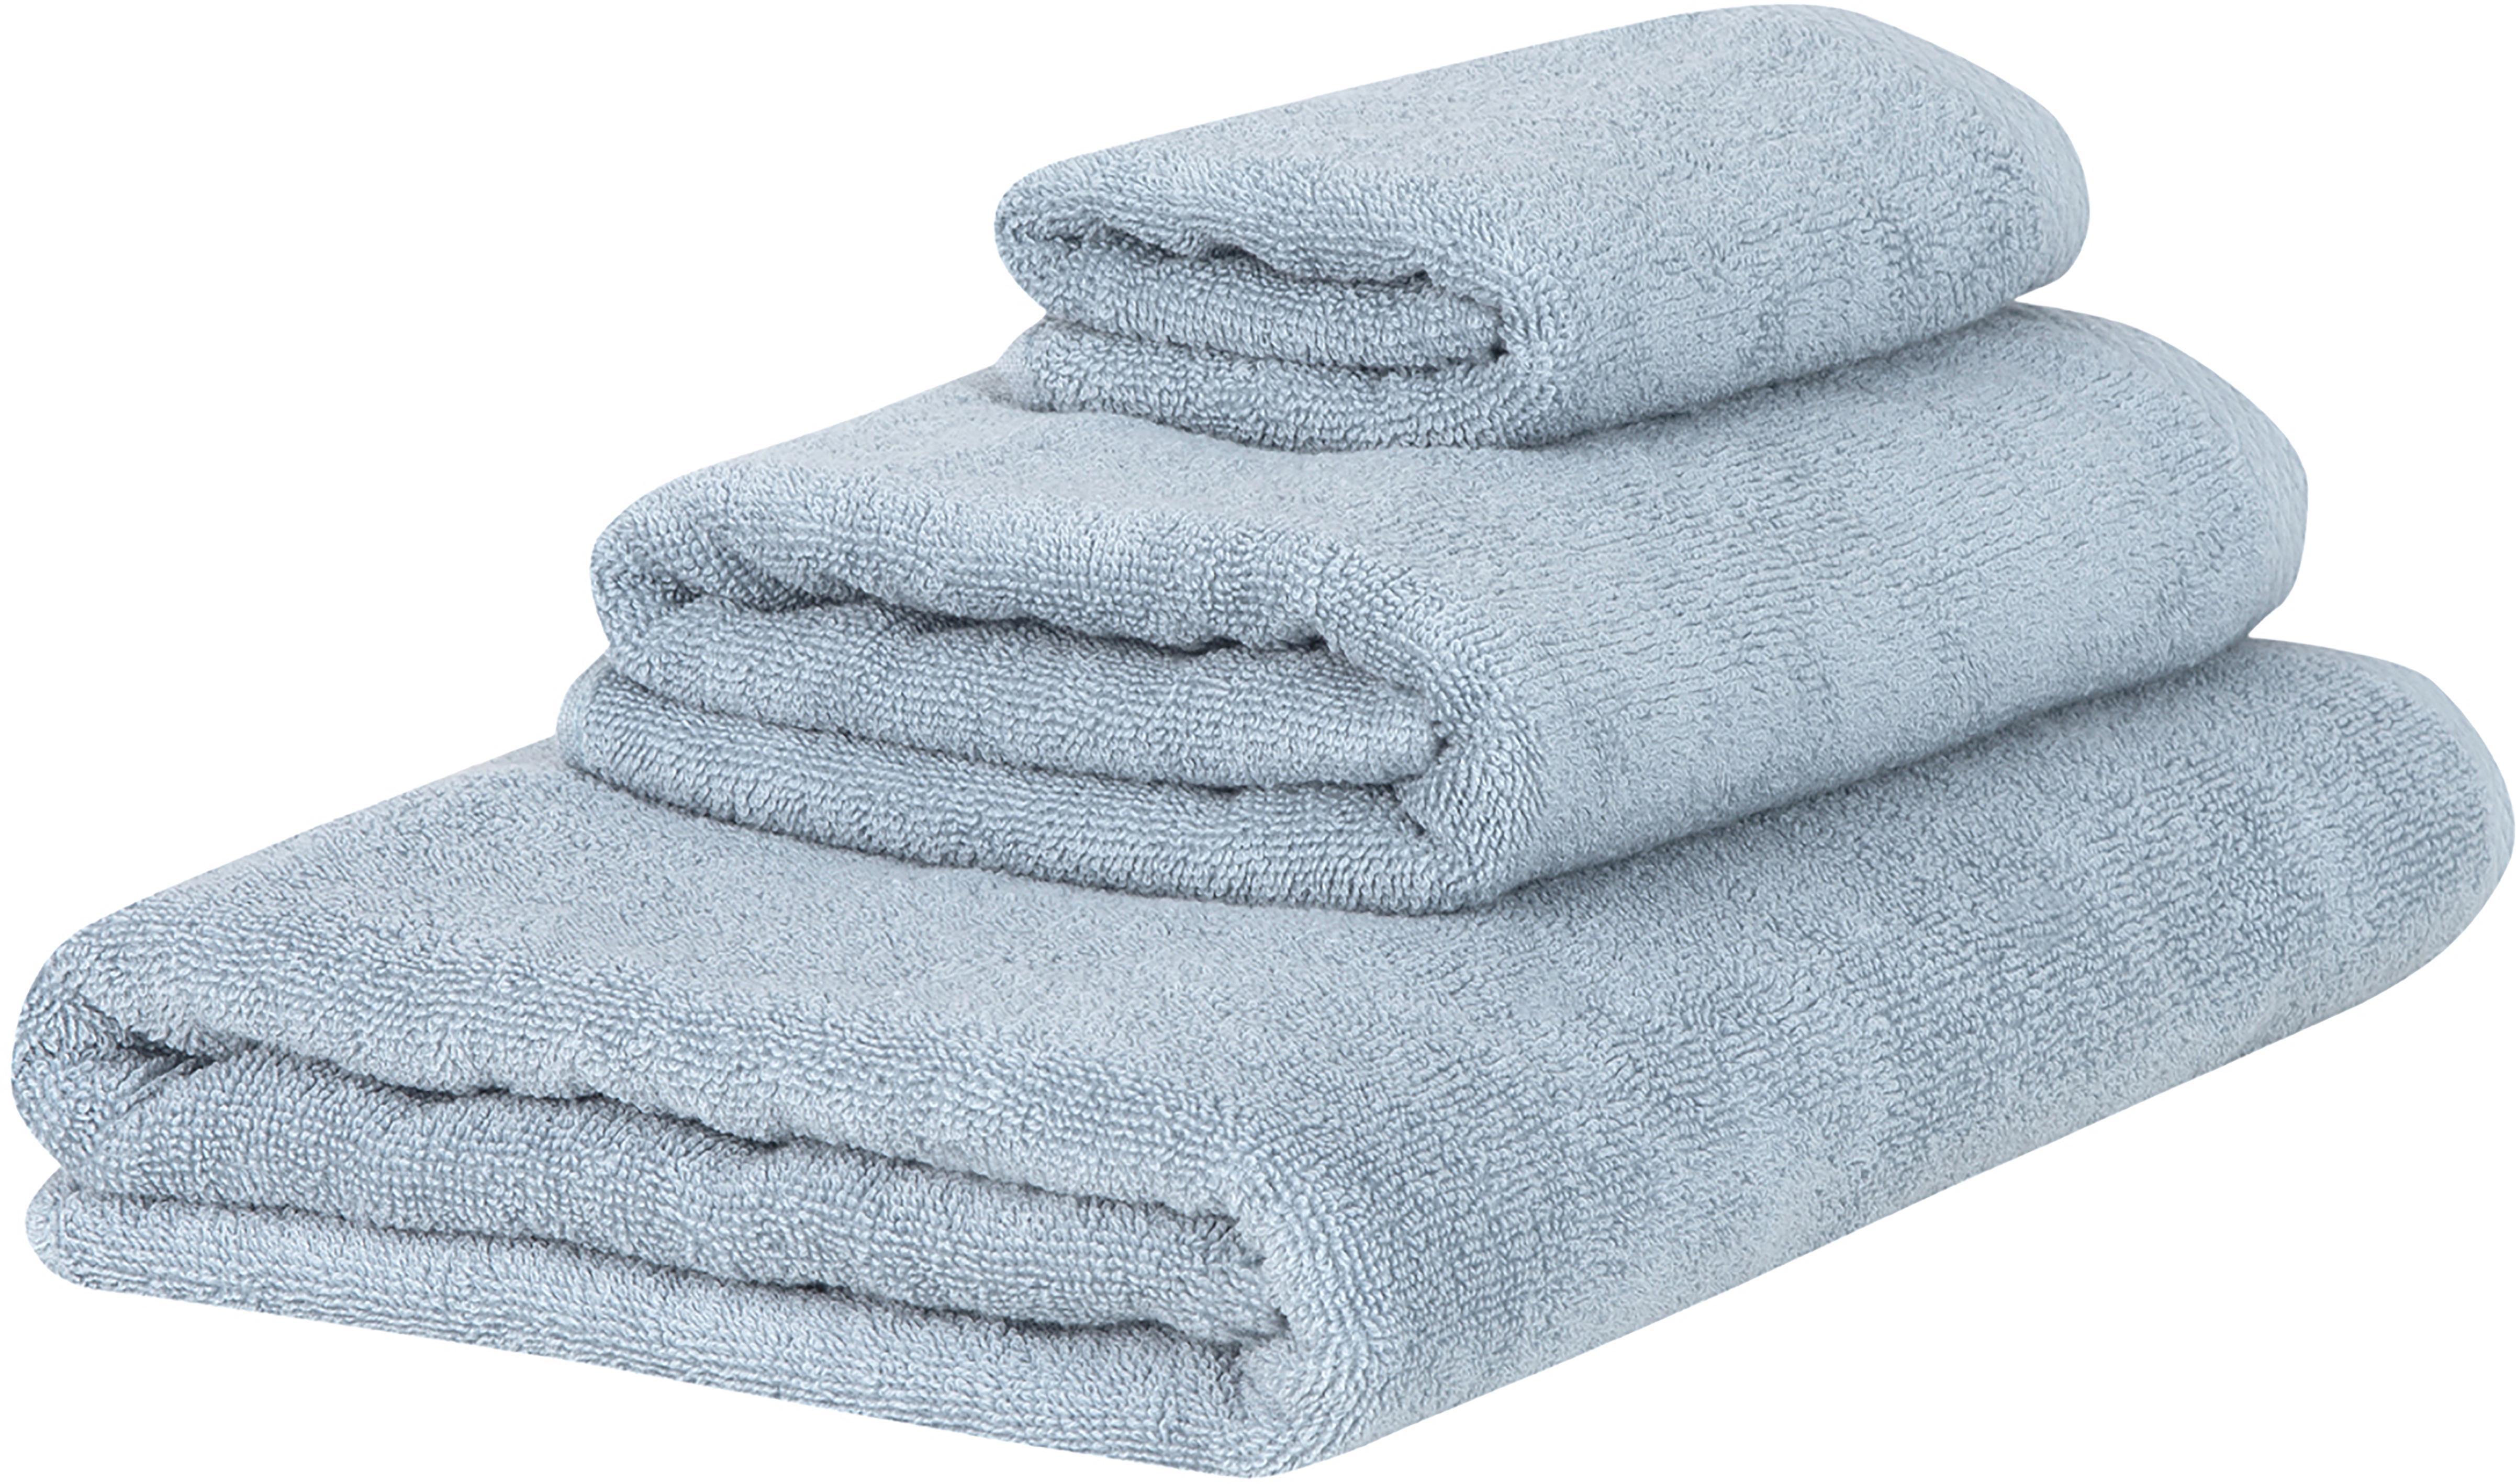 Einfarbiges Handtuch-Set Comfort, 3-tlg., Hellblau, Verschiedene Grössen